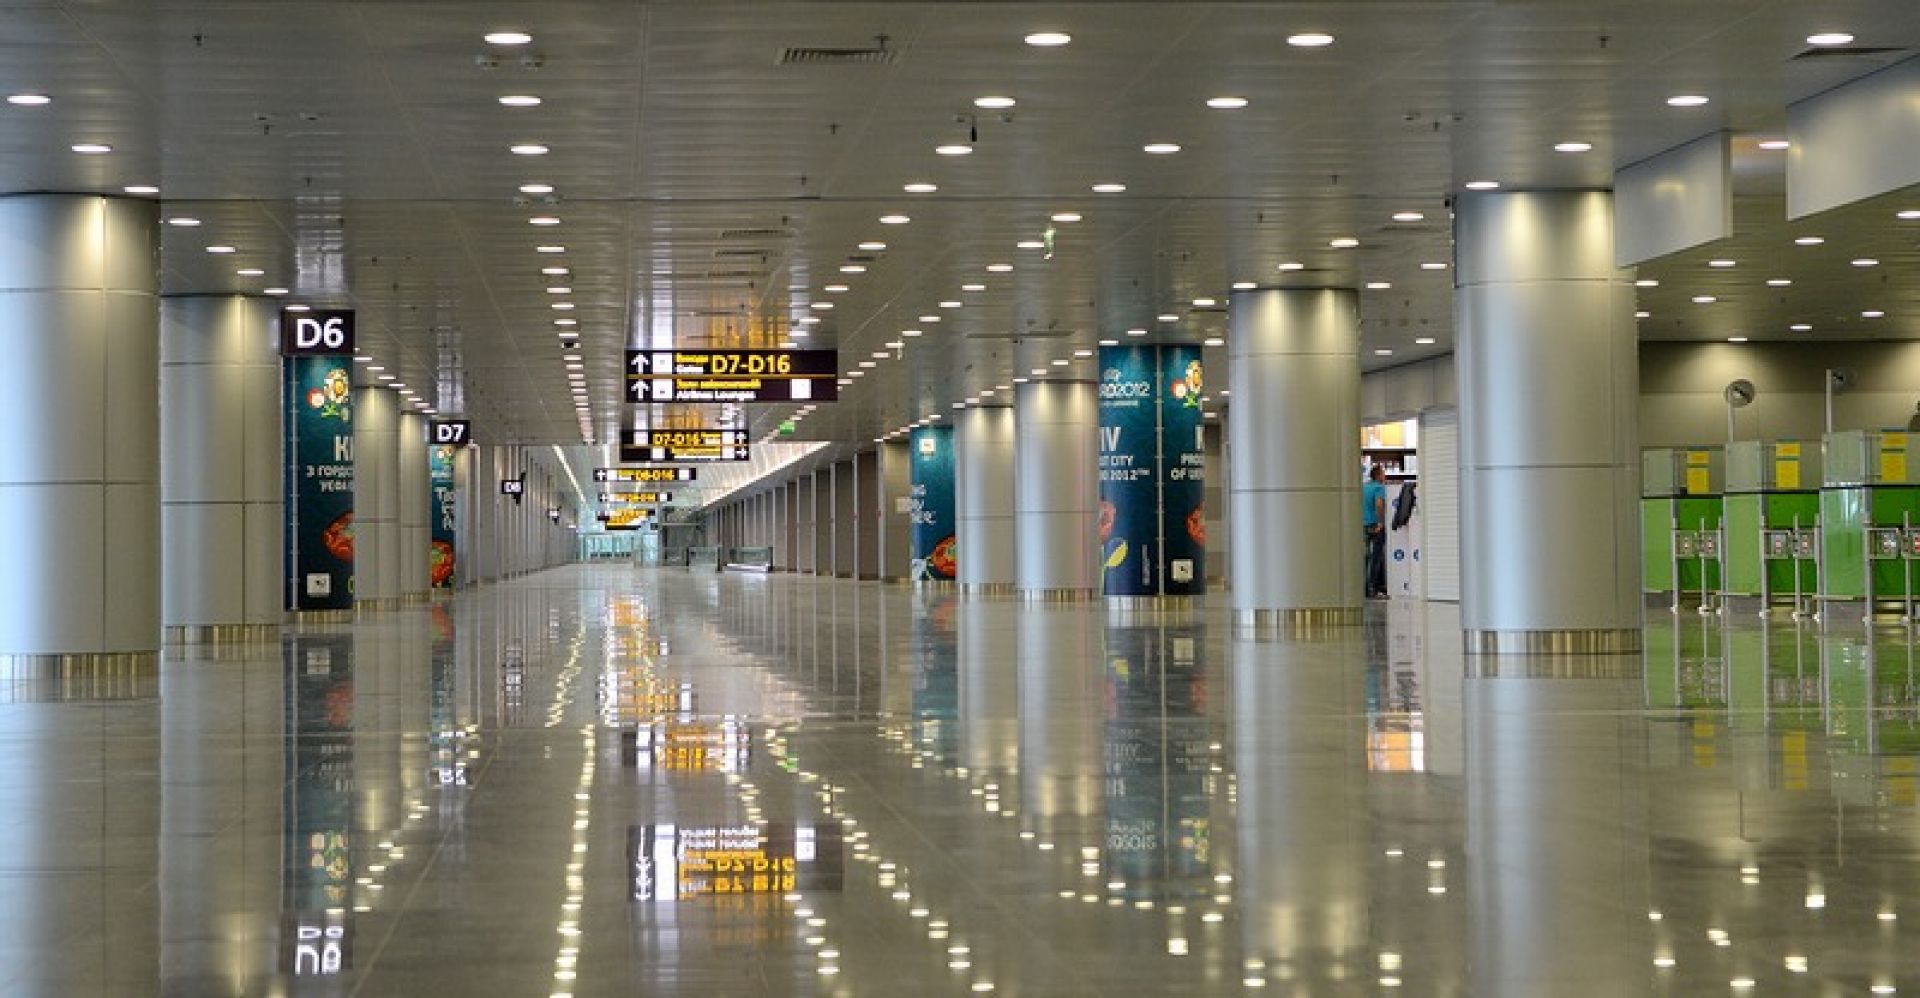 «Бориспіль» спростив процедуру контролю в терміналі D